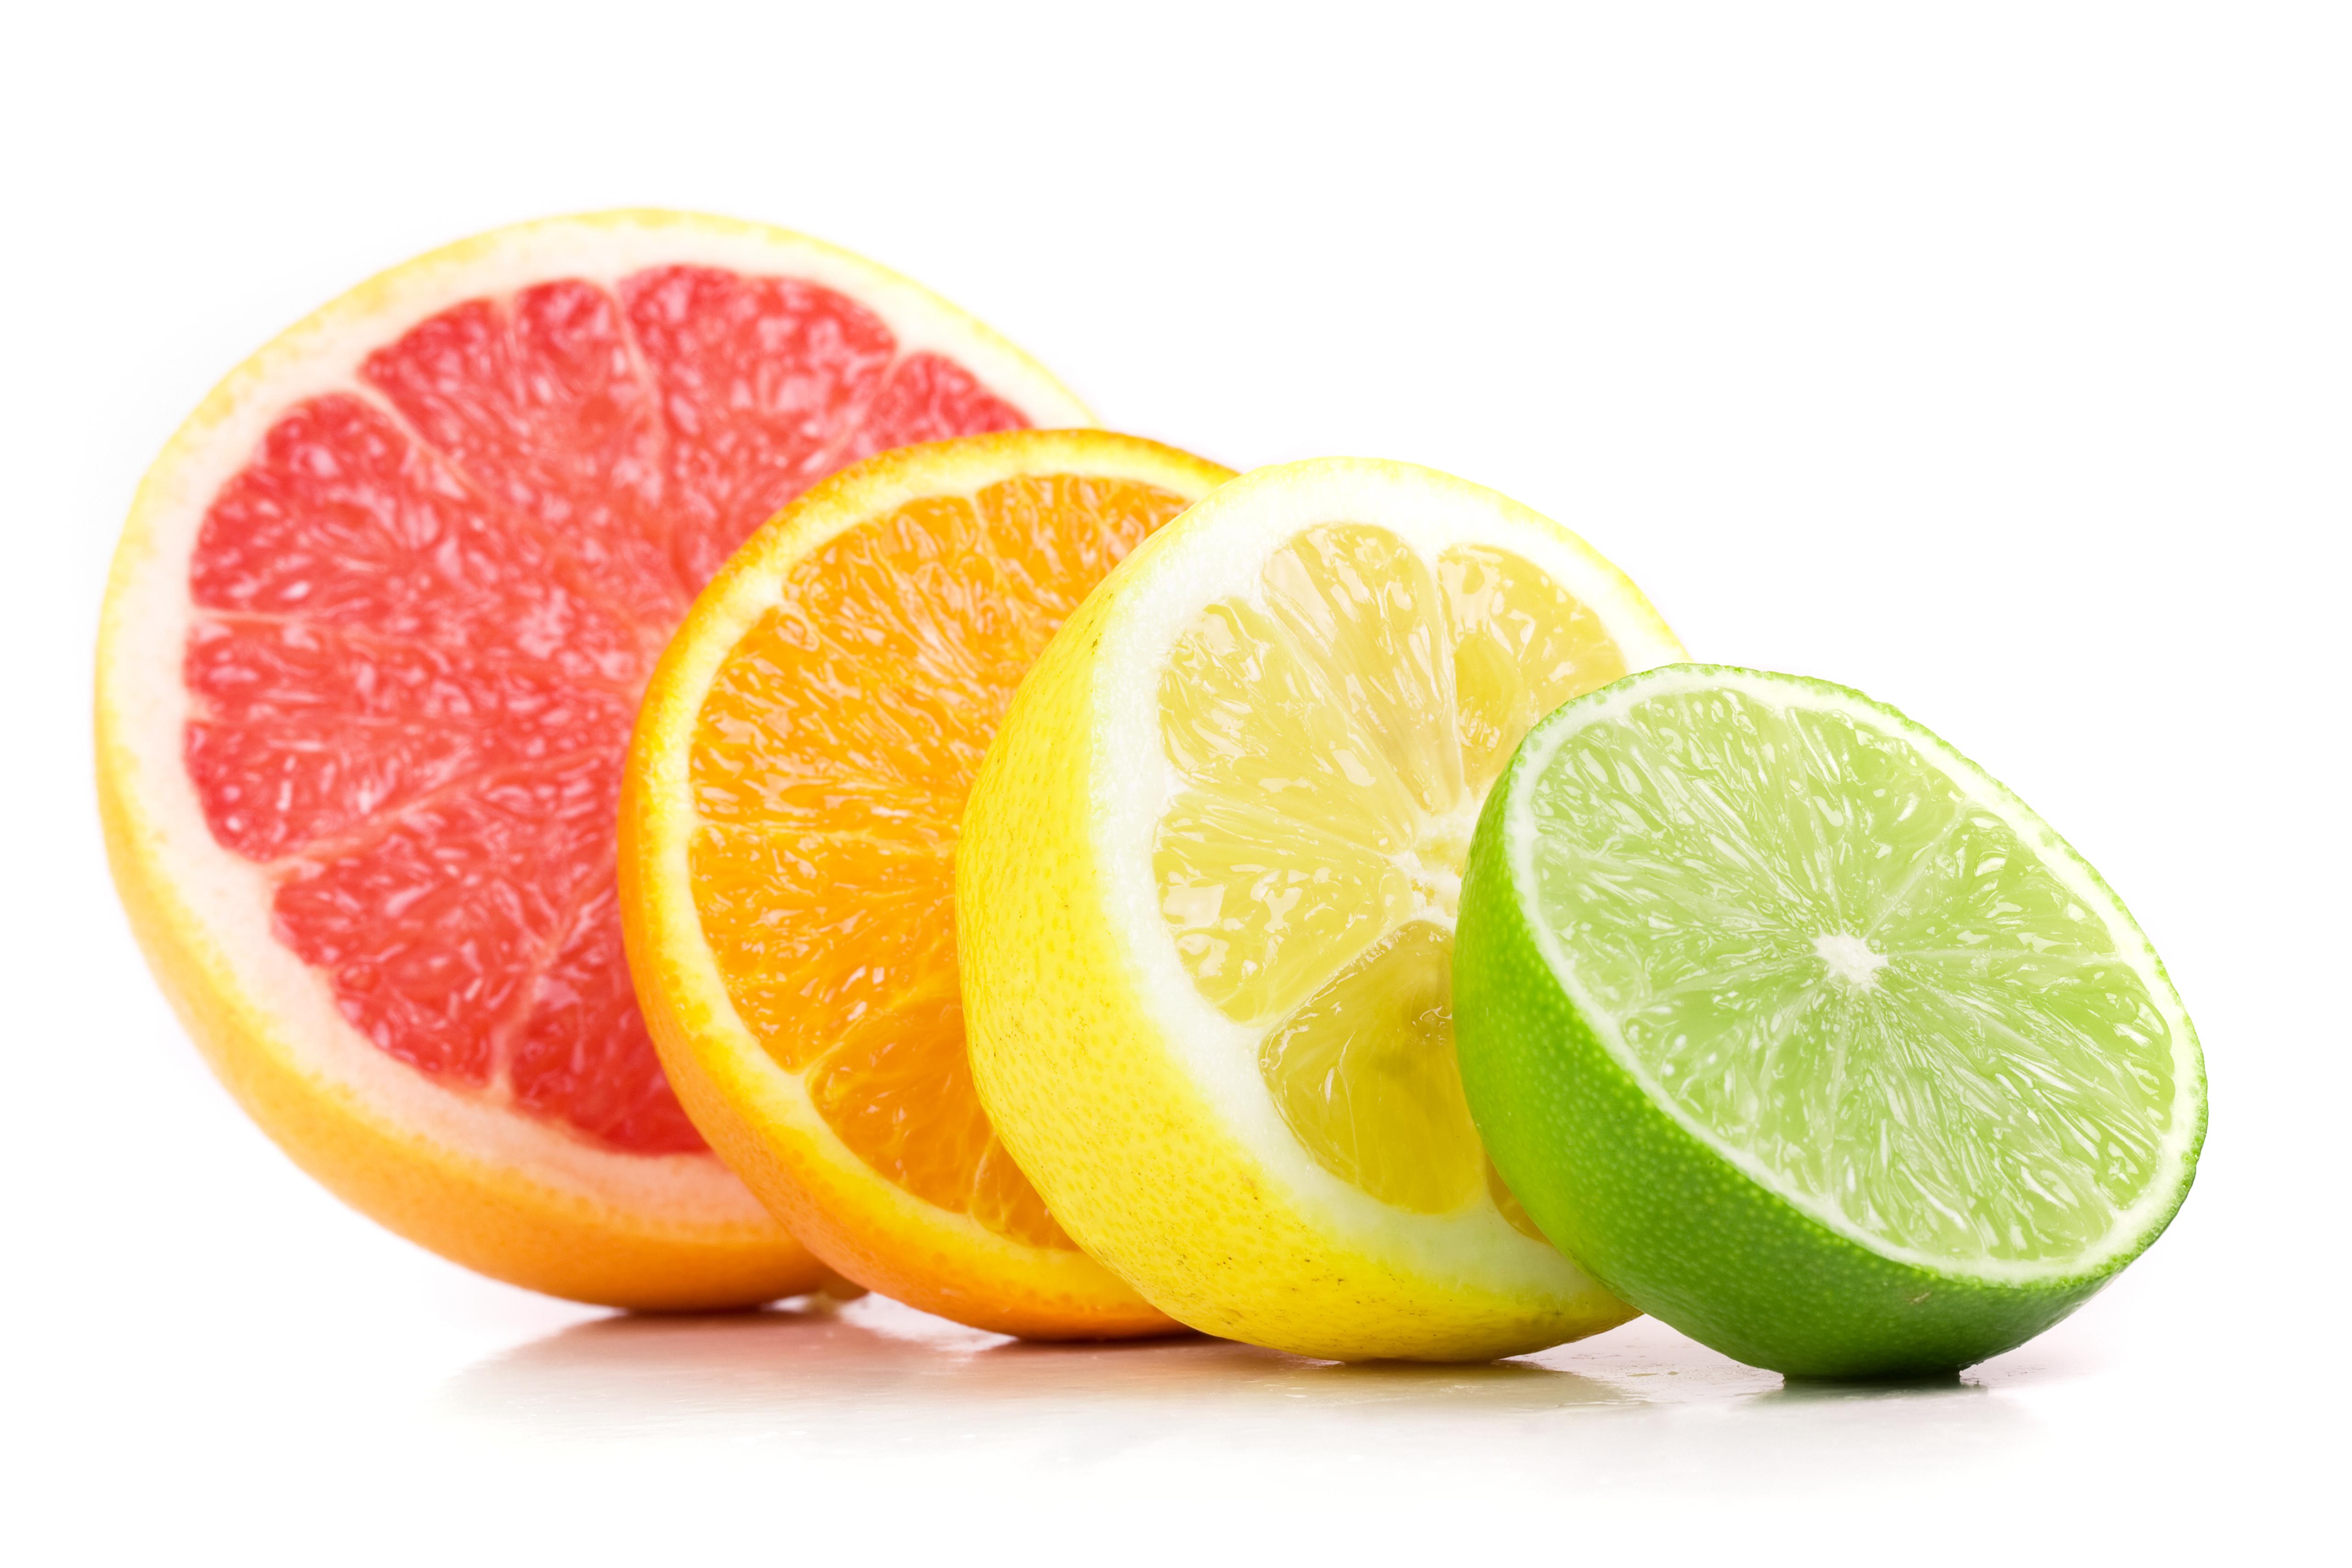 Fresh Fruit Images Group (58+)